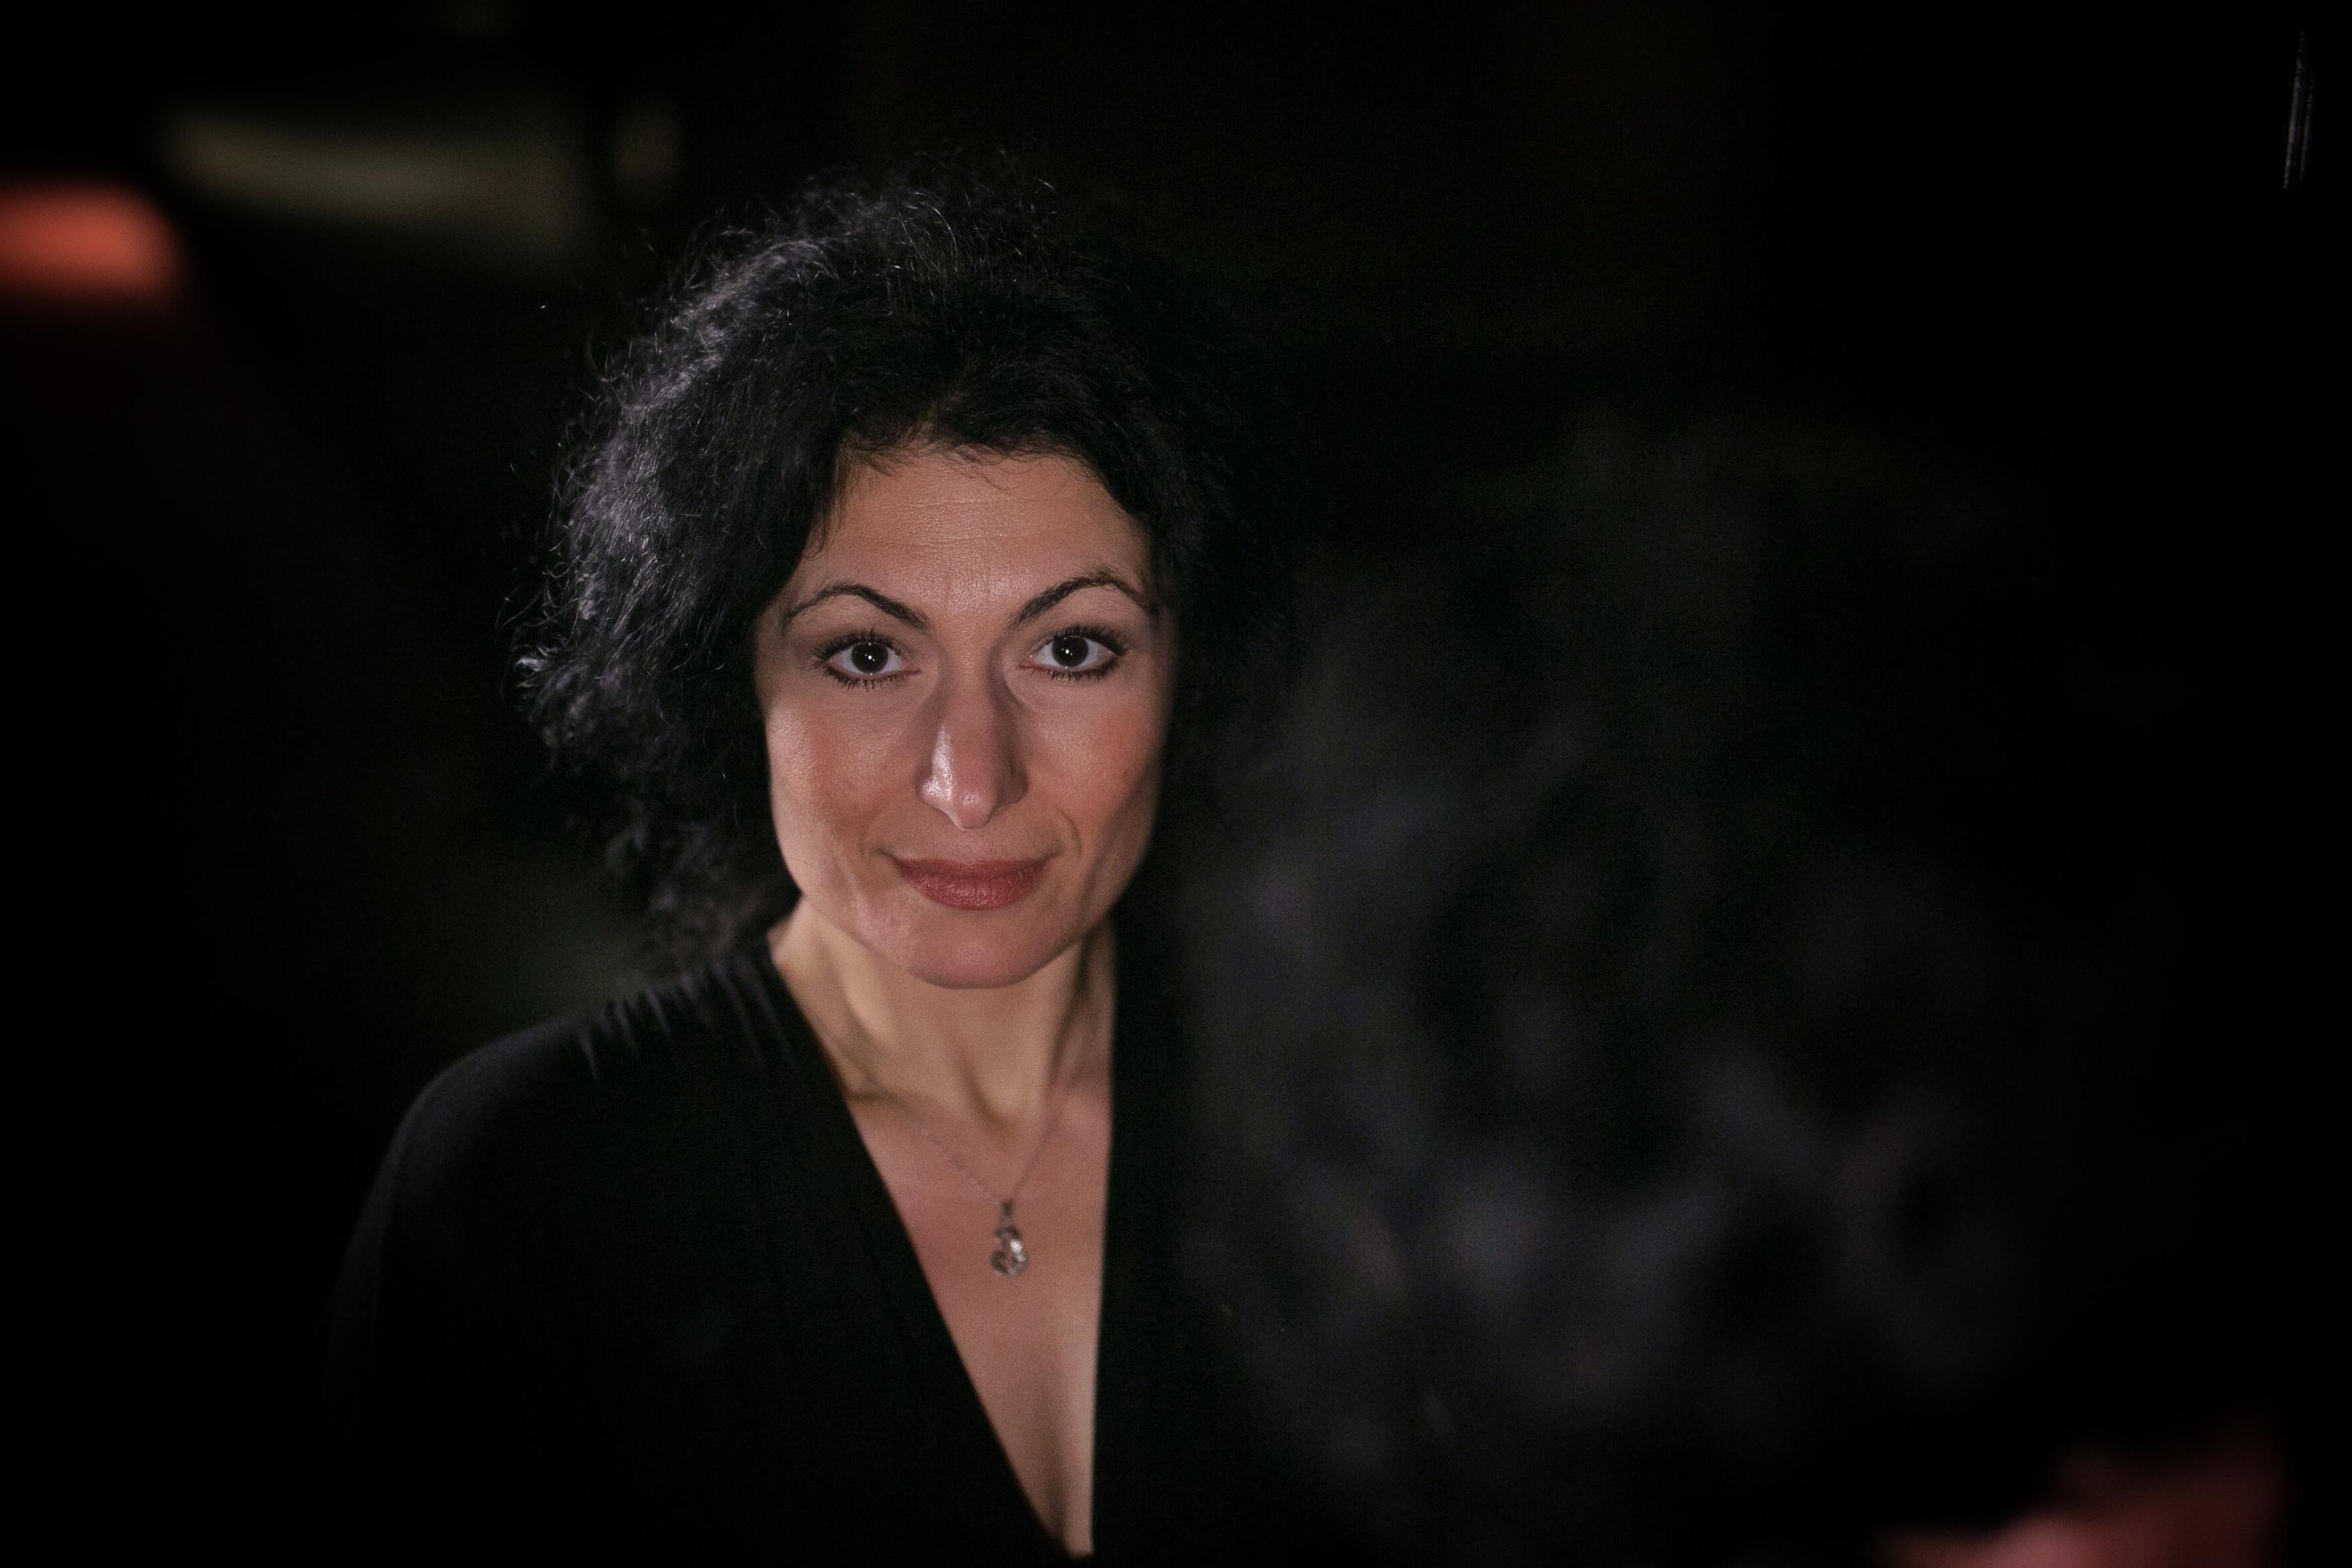 Irini Tsirakidis